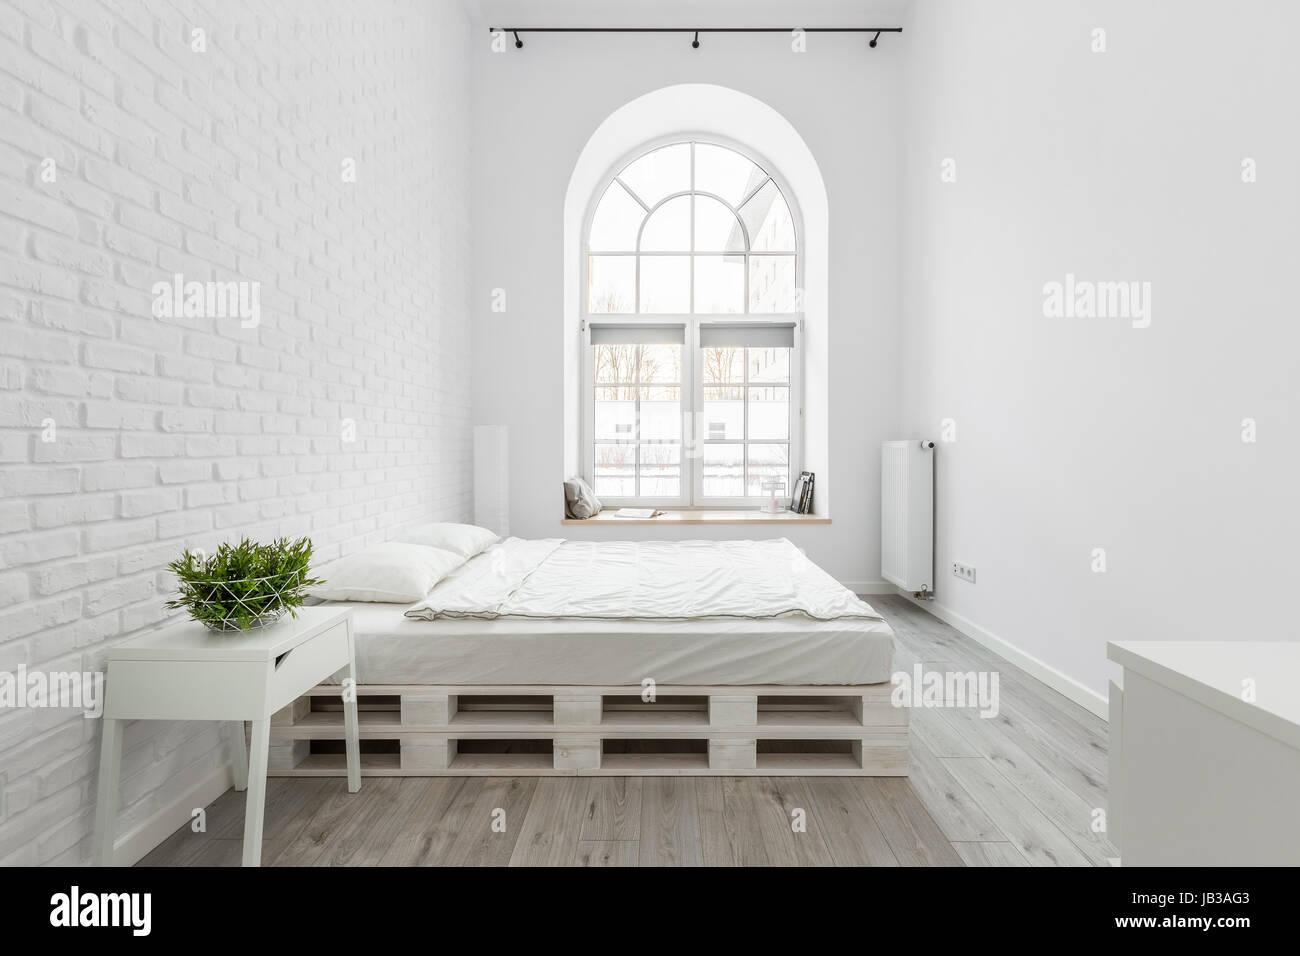 loft schlafzimmer mit wei en mauer palette bett und eine halbe runde fenster stockfoto bild. Black Bedroom Furniture Sets. Home Design Ideas